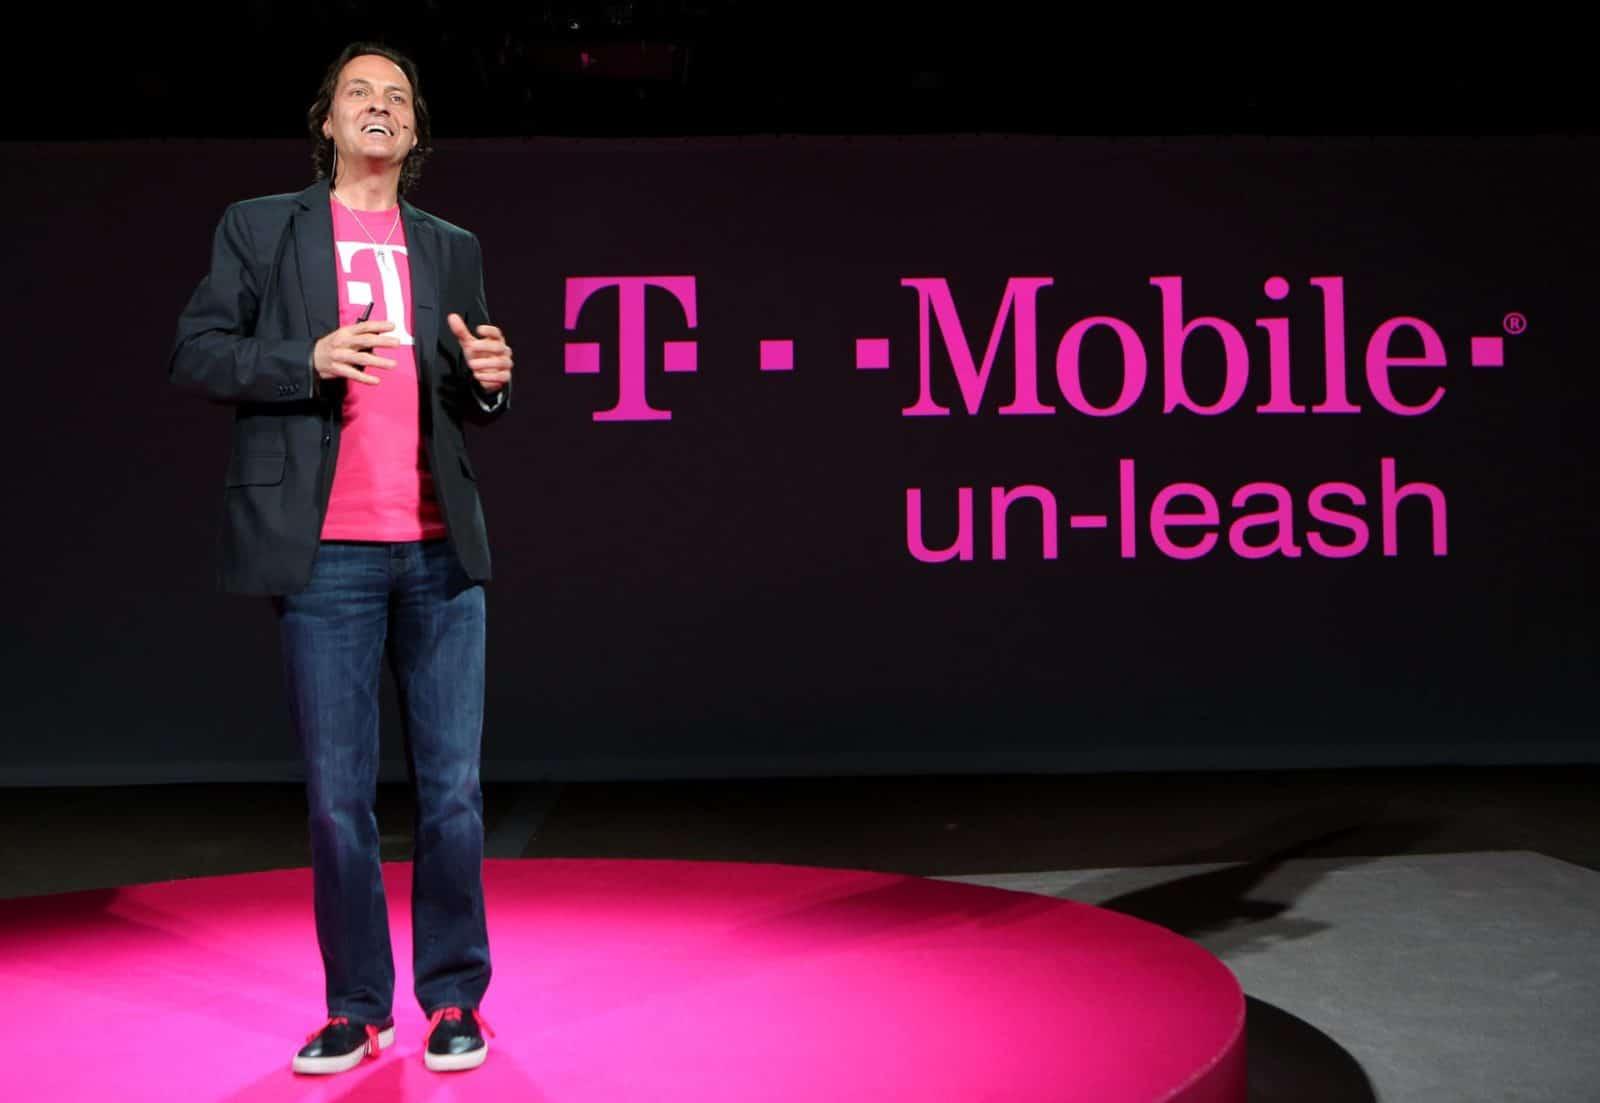 AH John Legere T-mobile TMO uncarrier